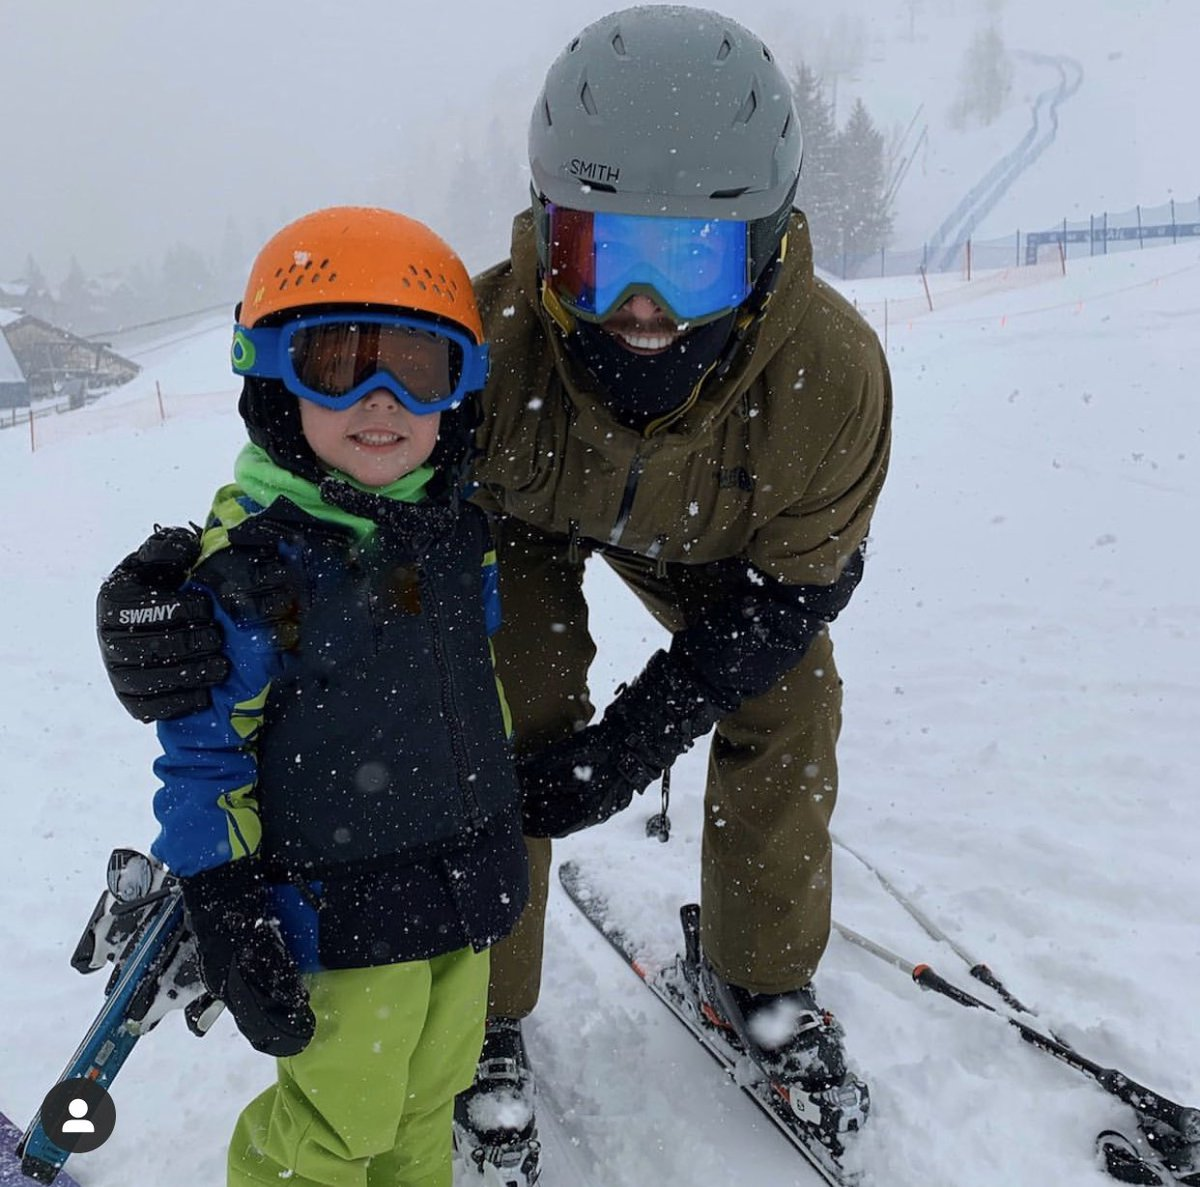 My lil' ski bums... 🥰😘😍